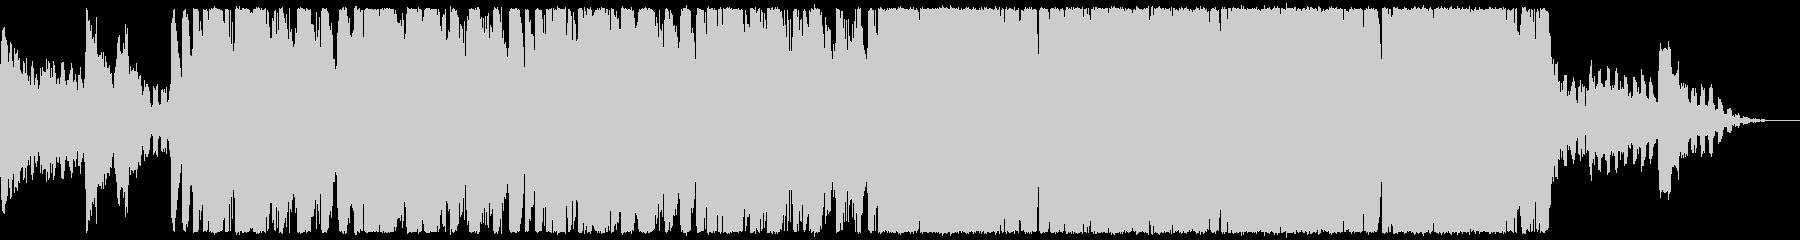 ハロウィン、ホラー系メロディー:SE付きの未再生の波形